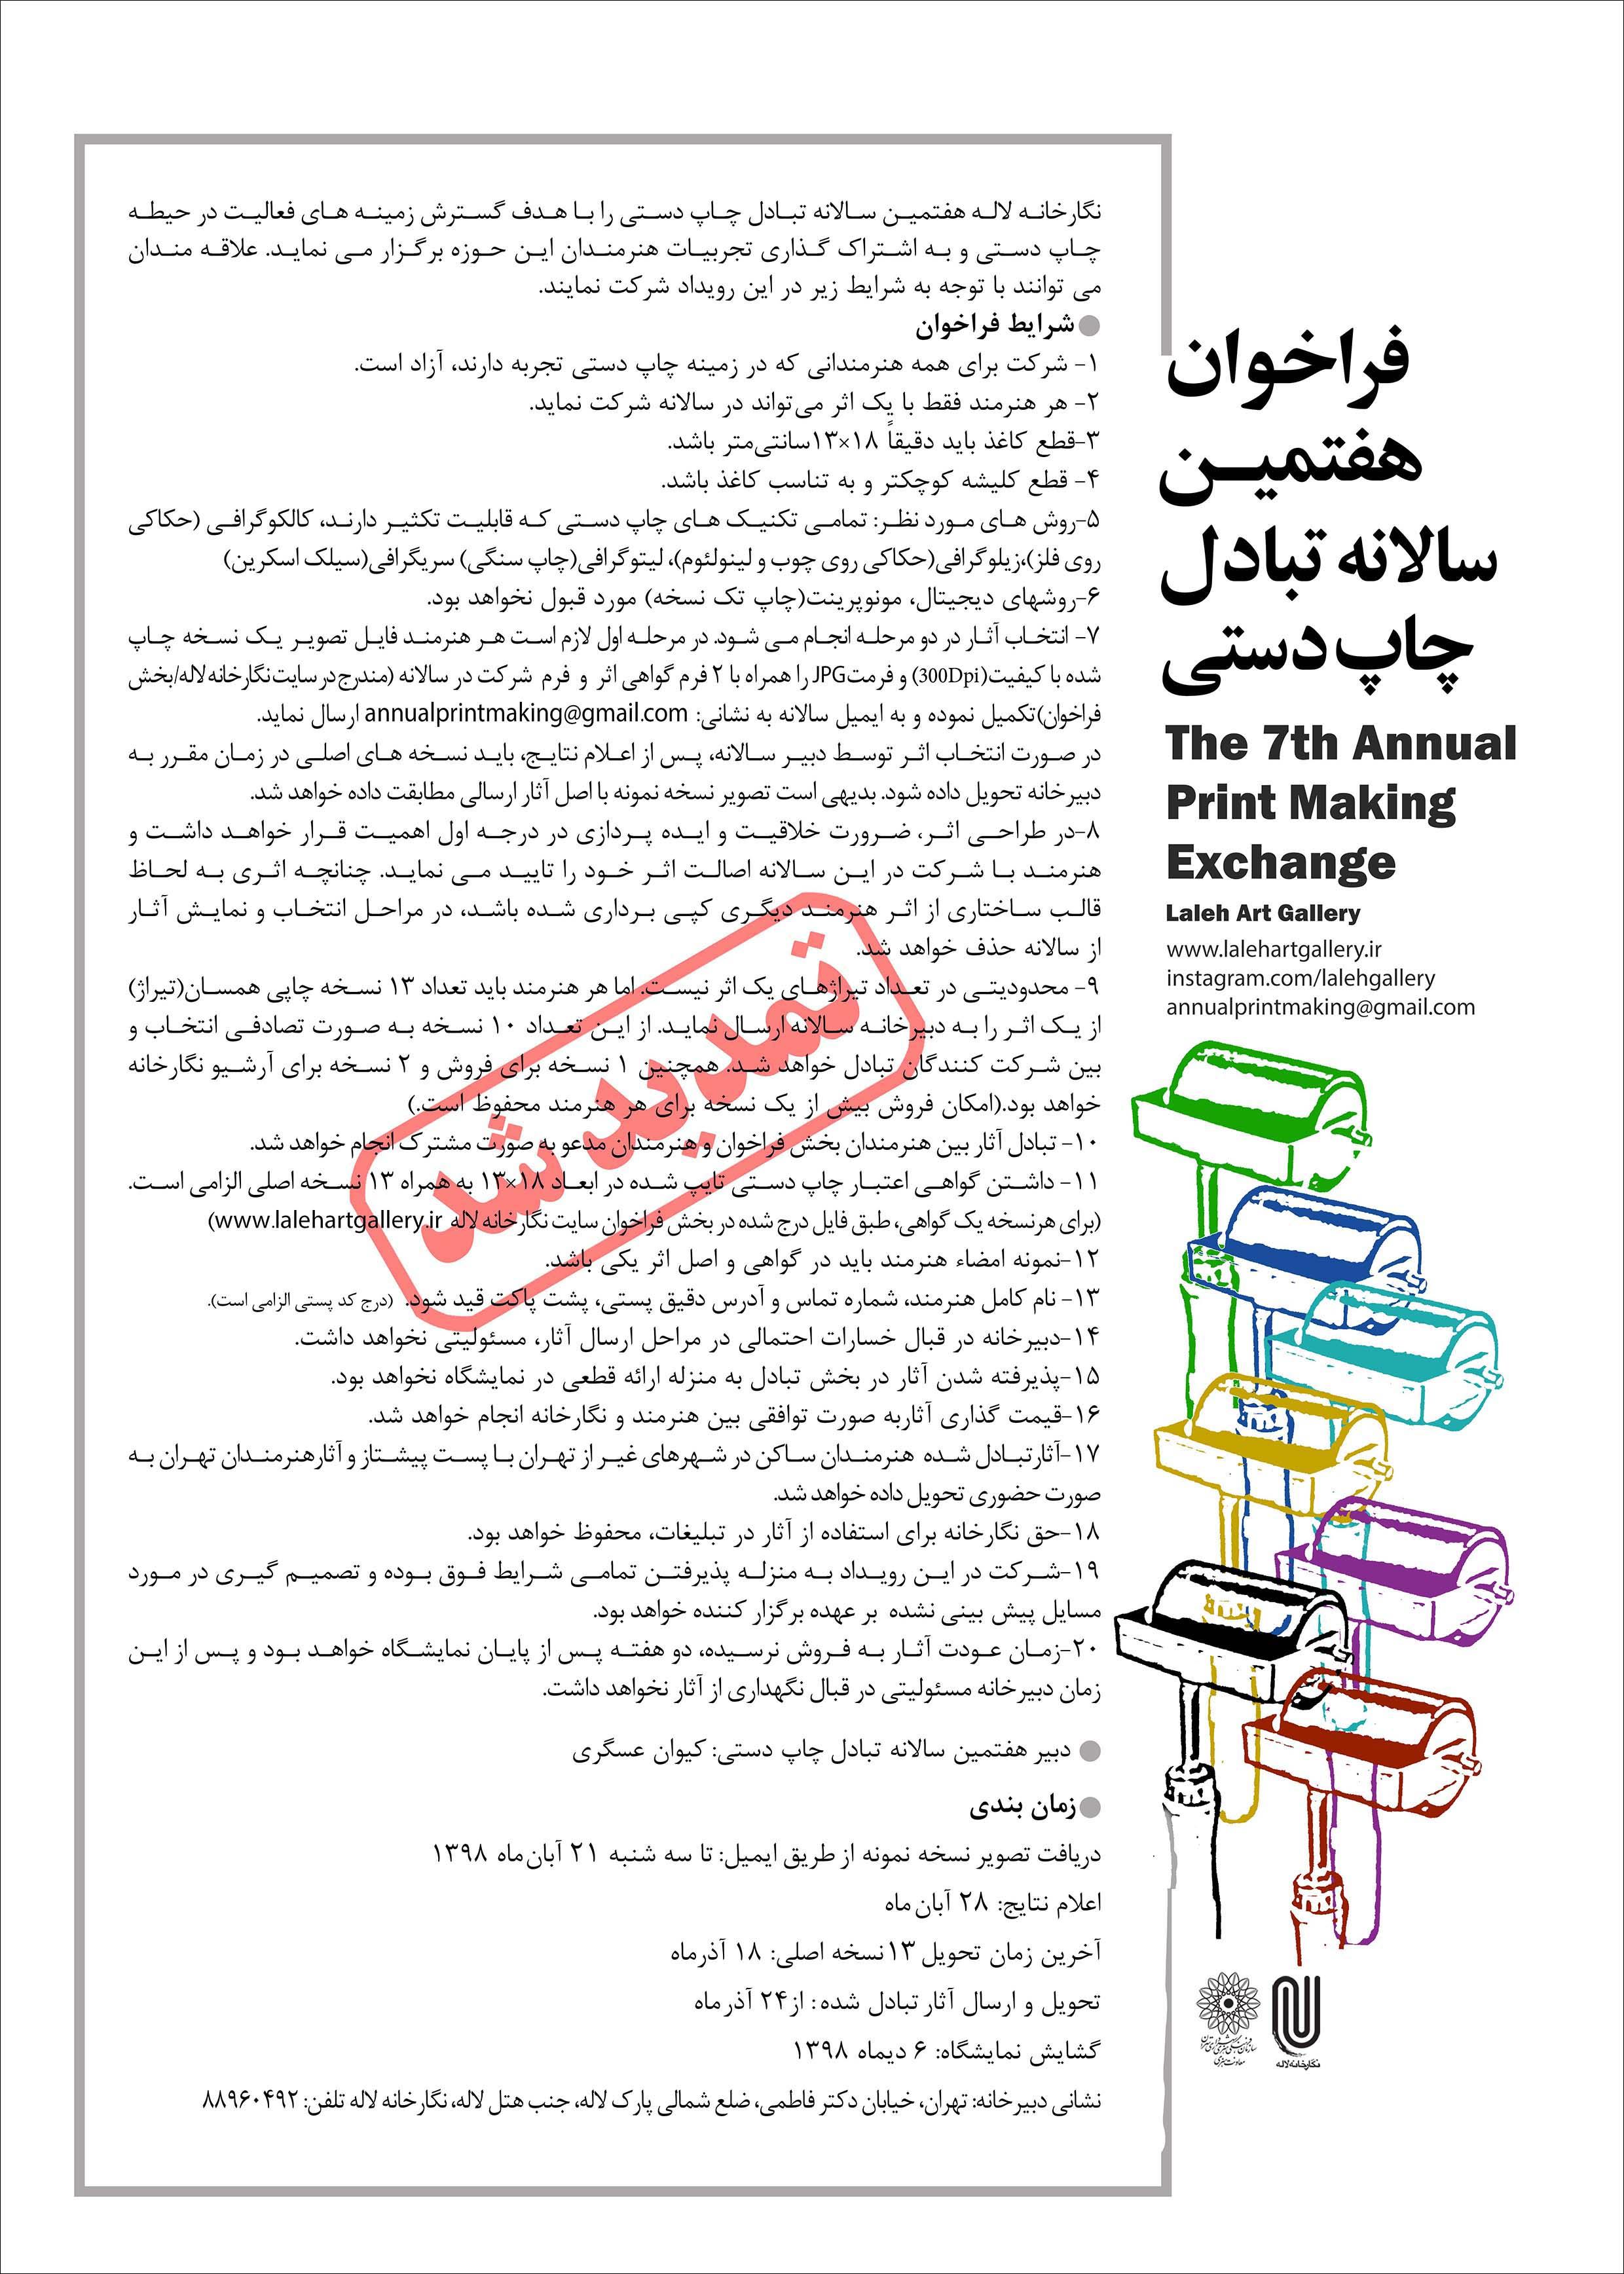 فراخوان هفتمین سالانه تبادل چاپ دستی